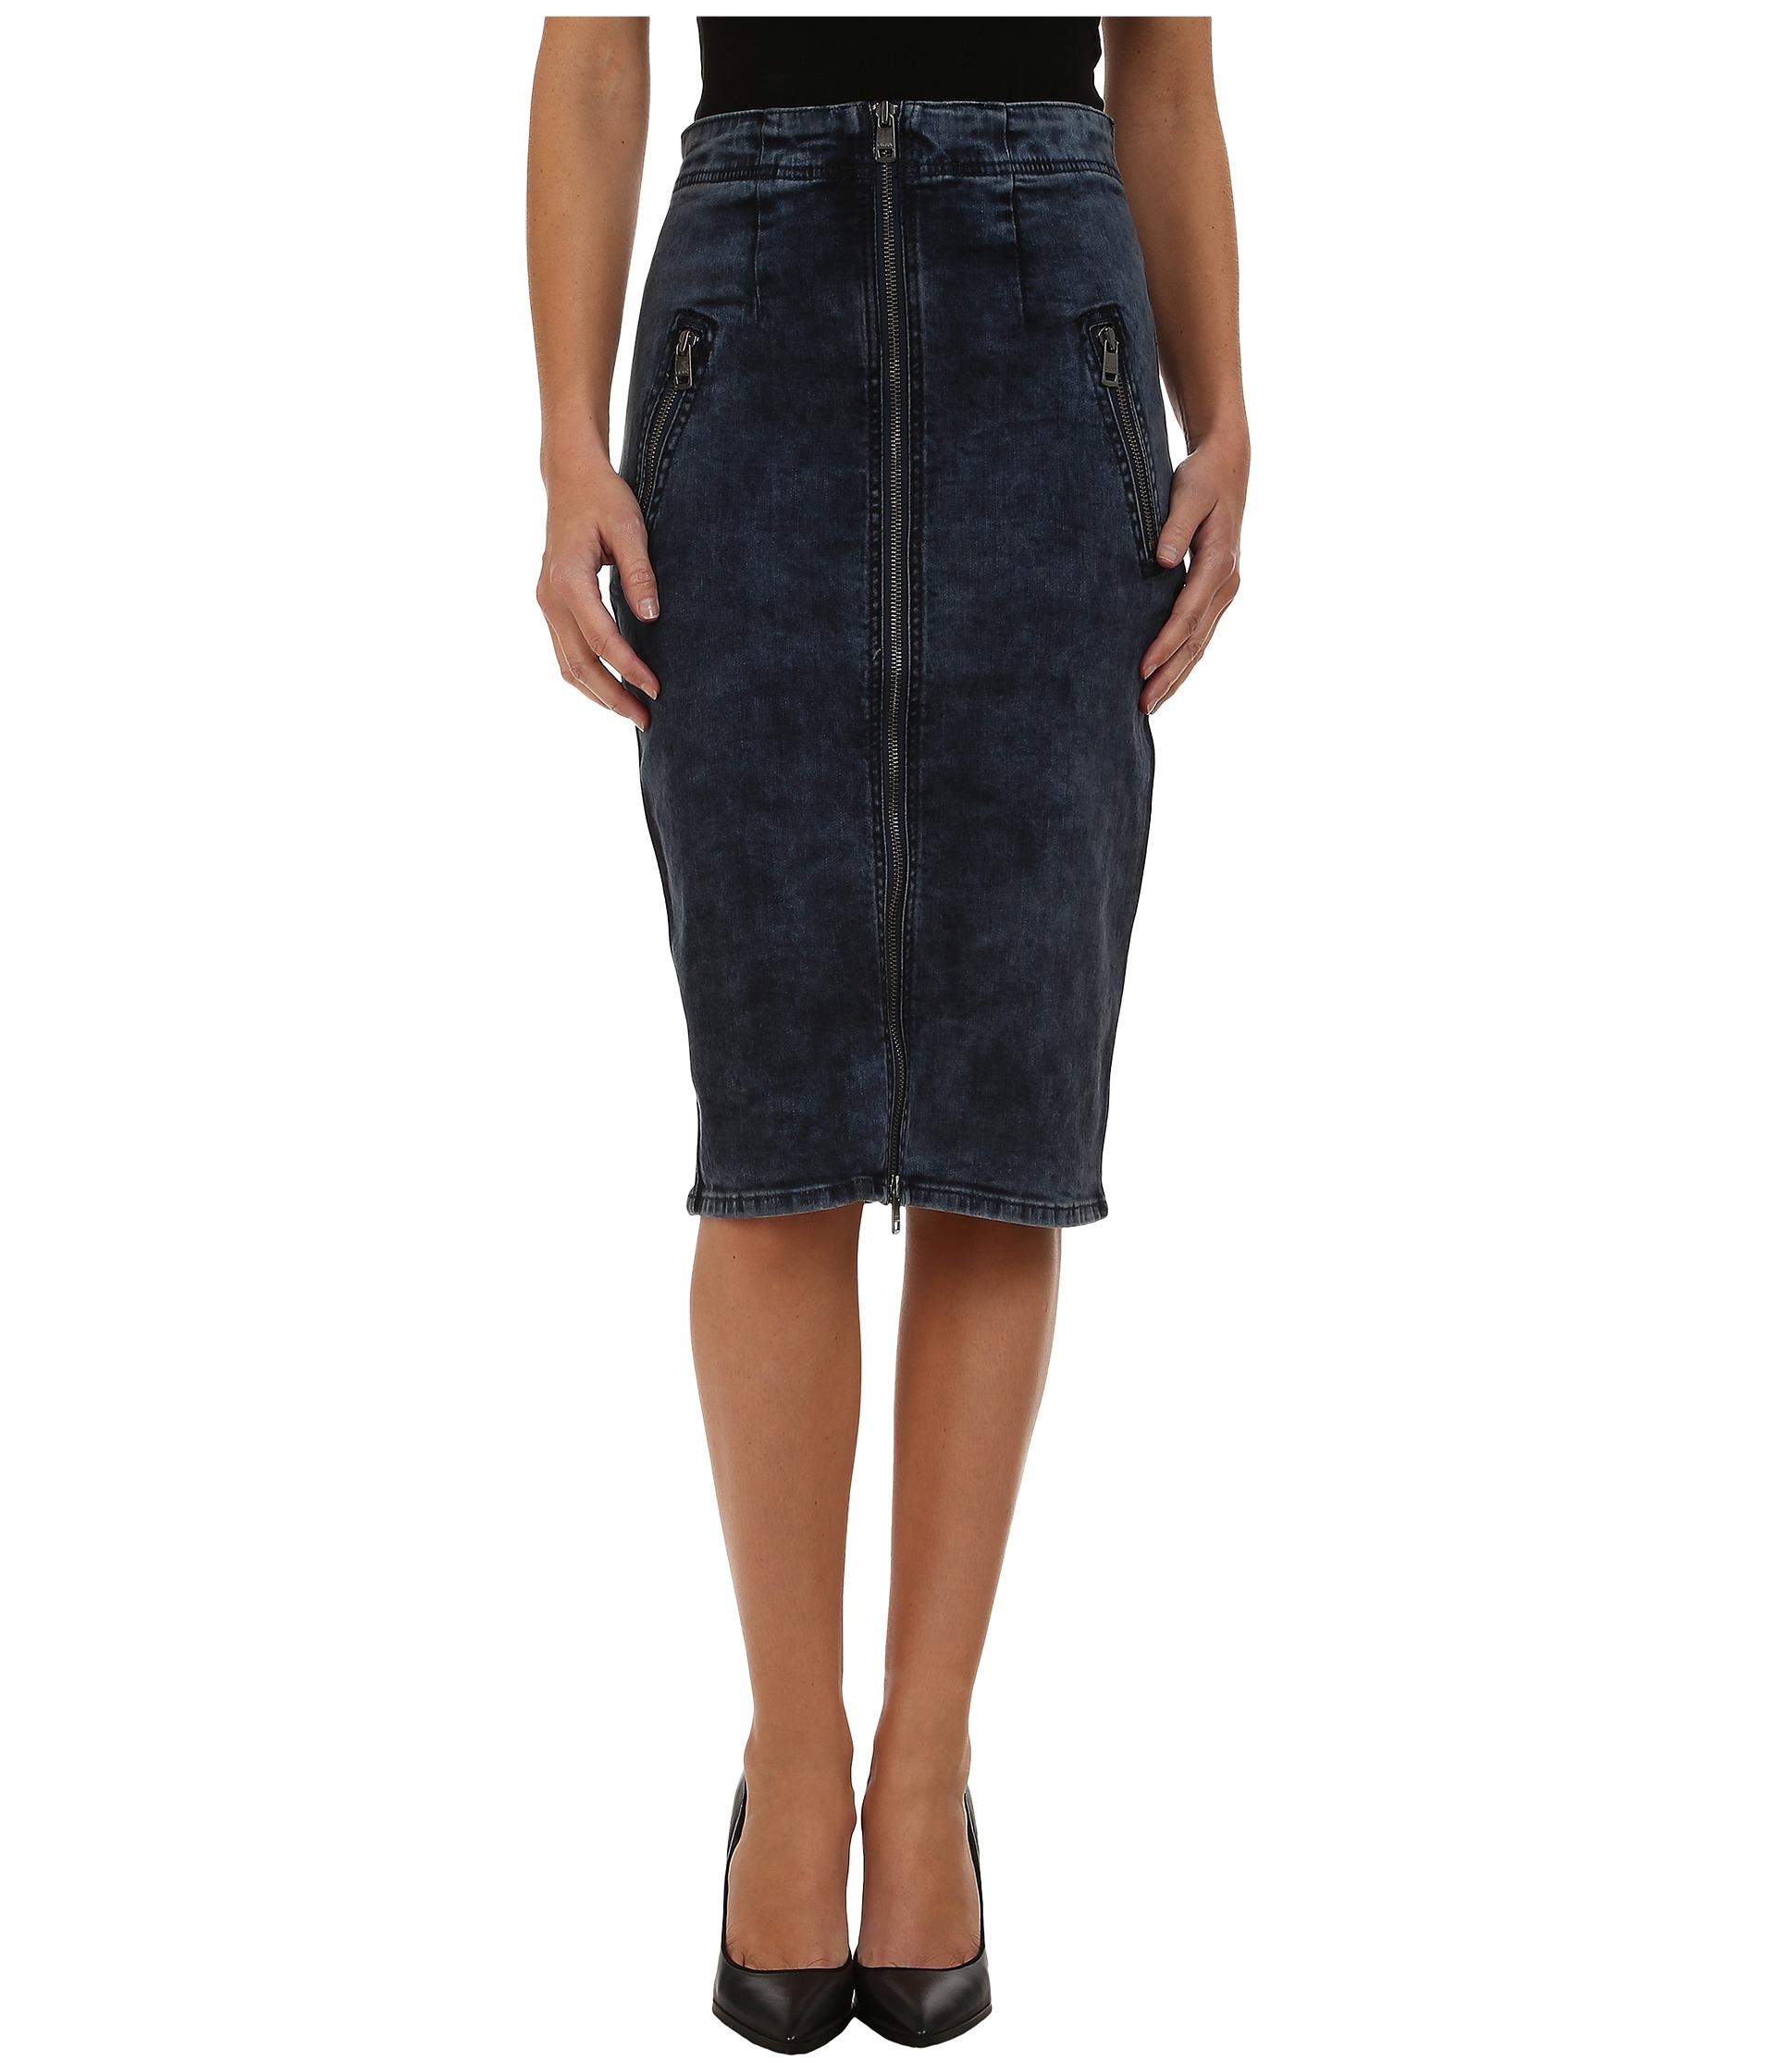 High Rise Denim Skirt Jill Dress